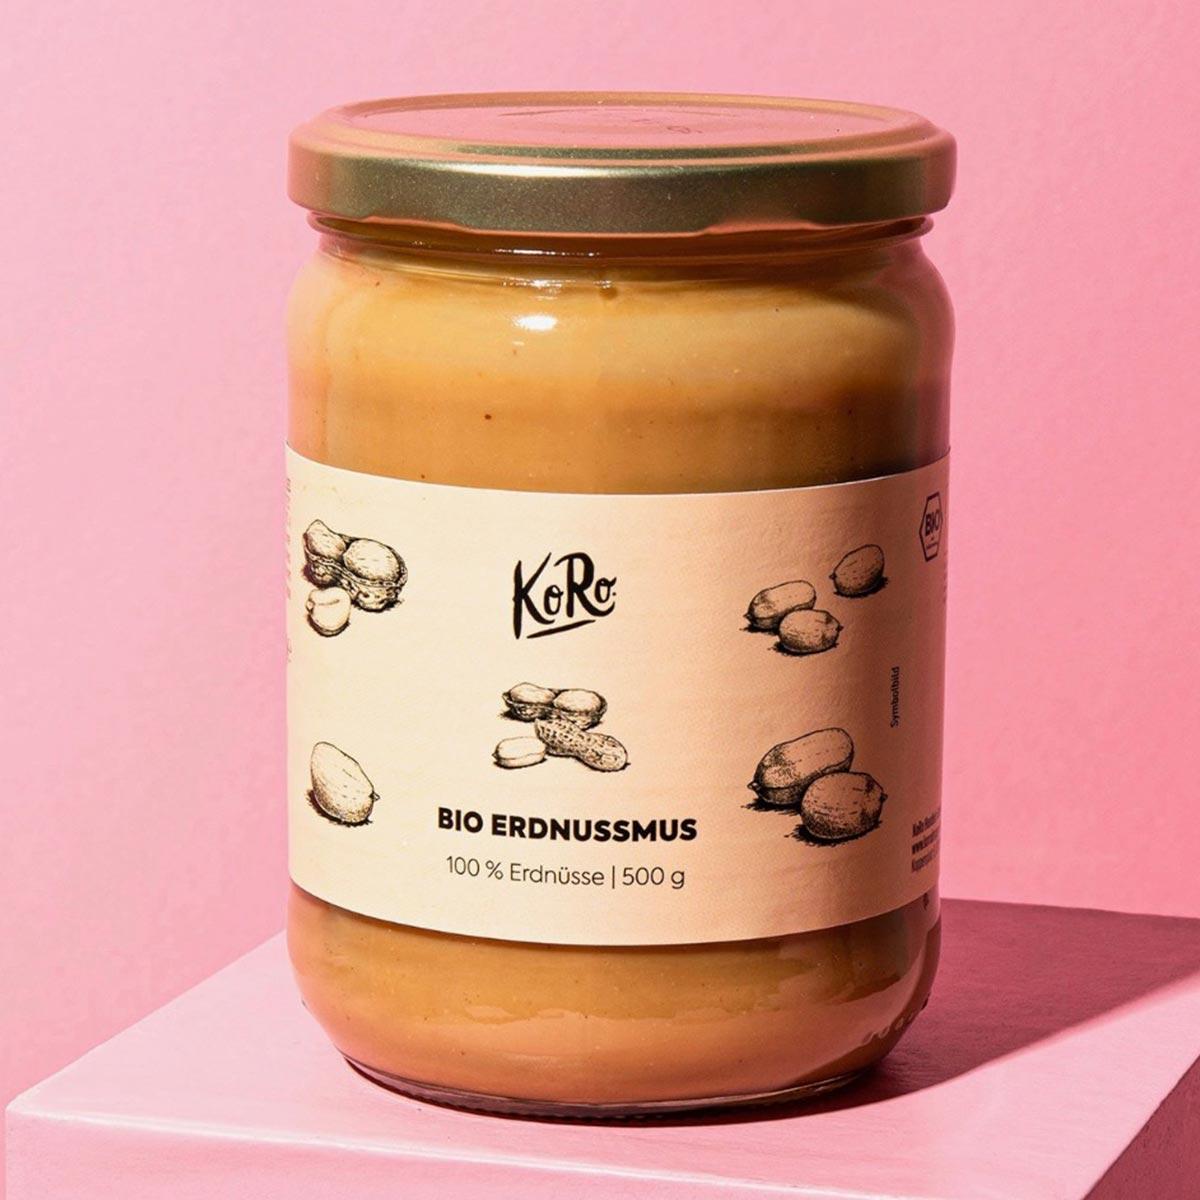 Koro-Erdnussmus-Online-kaufen